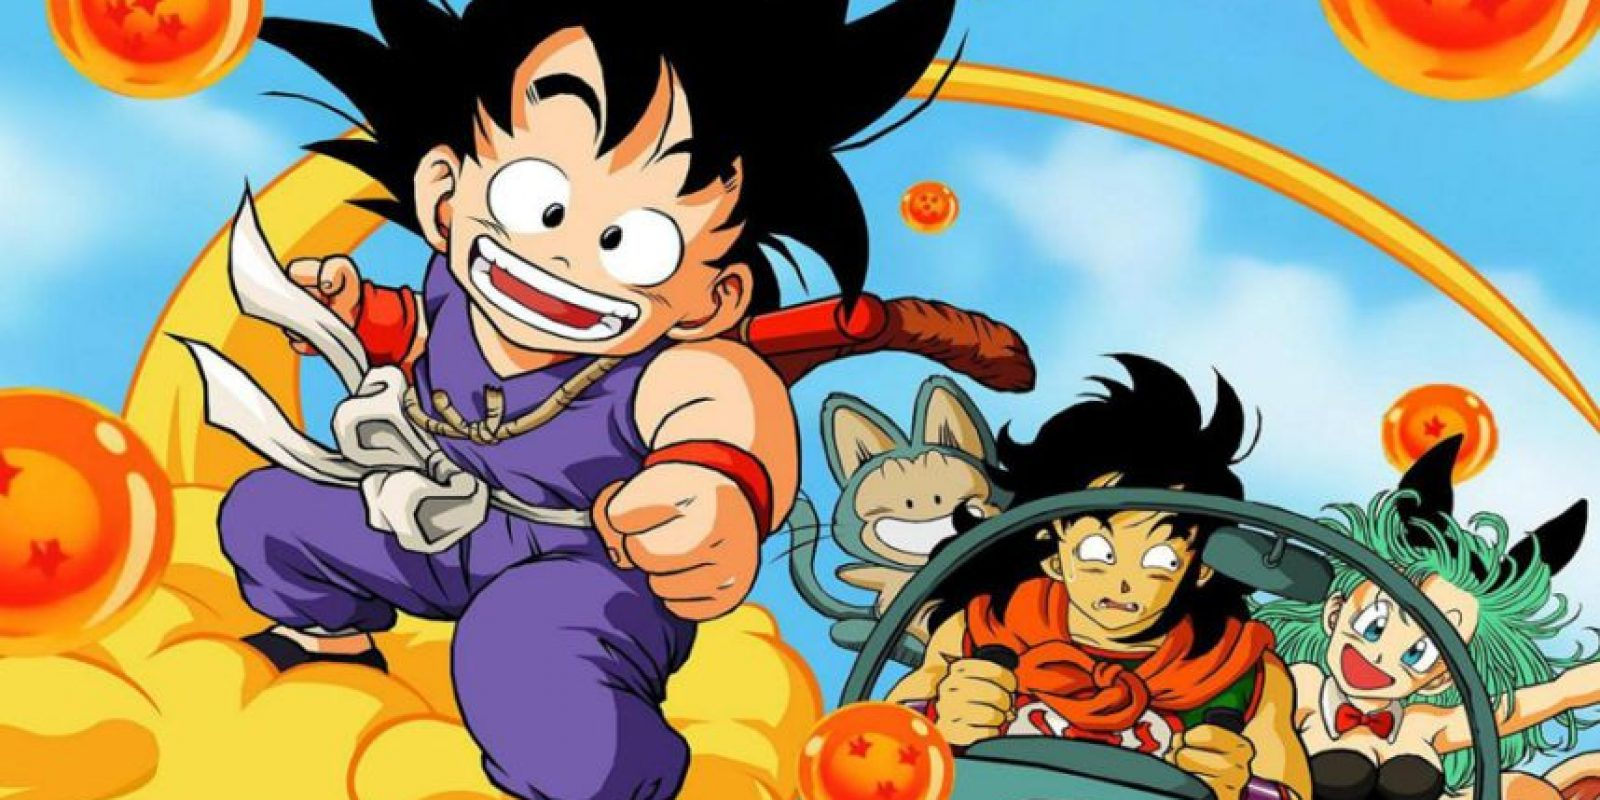 """La experta en anime y manga Gabriela Maya muestra por qué la serie fue polémica: """"En el caso de Dragon Ball, la censura fue mucho menor, porque la serie no aparecía en el radar de estos grupos de censura, era tal el cariño por Goku que muchos detalles de la animación lograron colarse por debajo del torniquete de esos ojos escrutadores"""". Foto:vía Toei"""